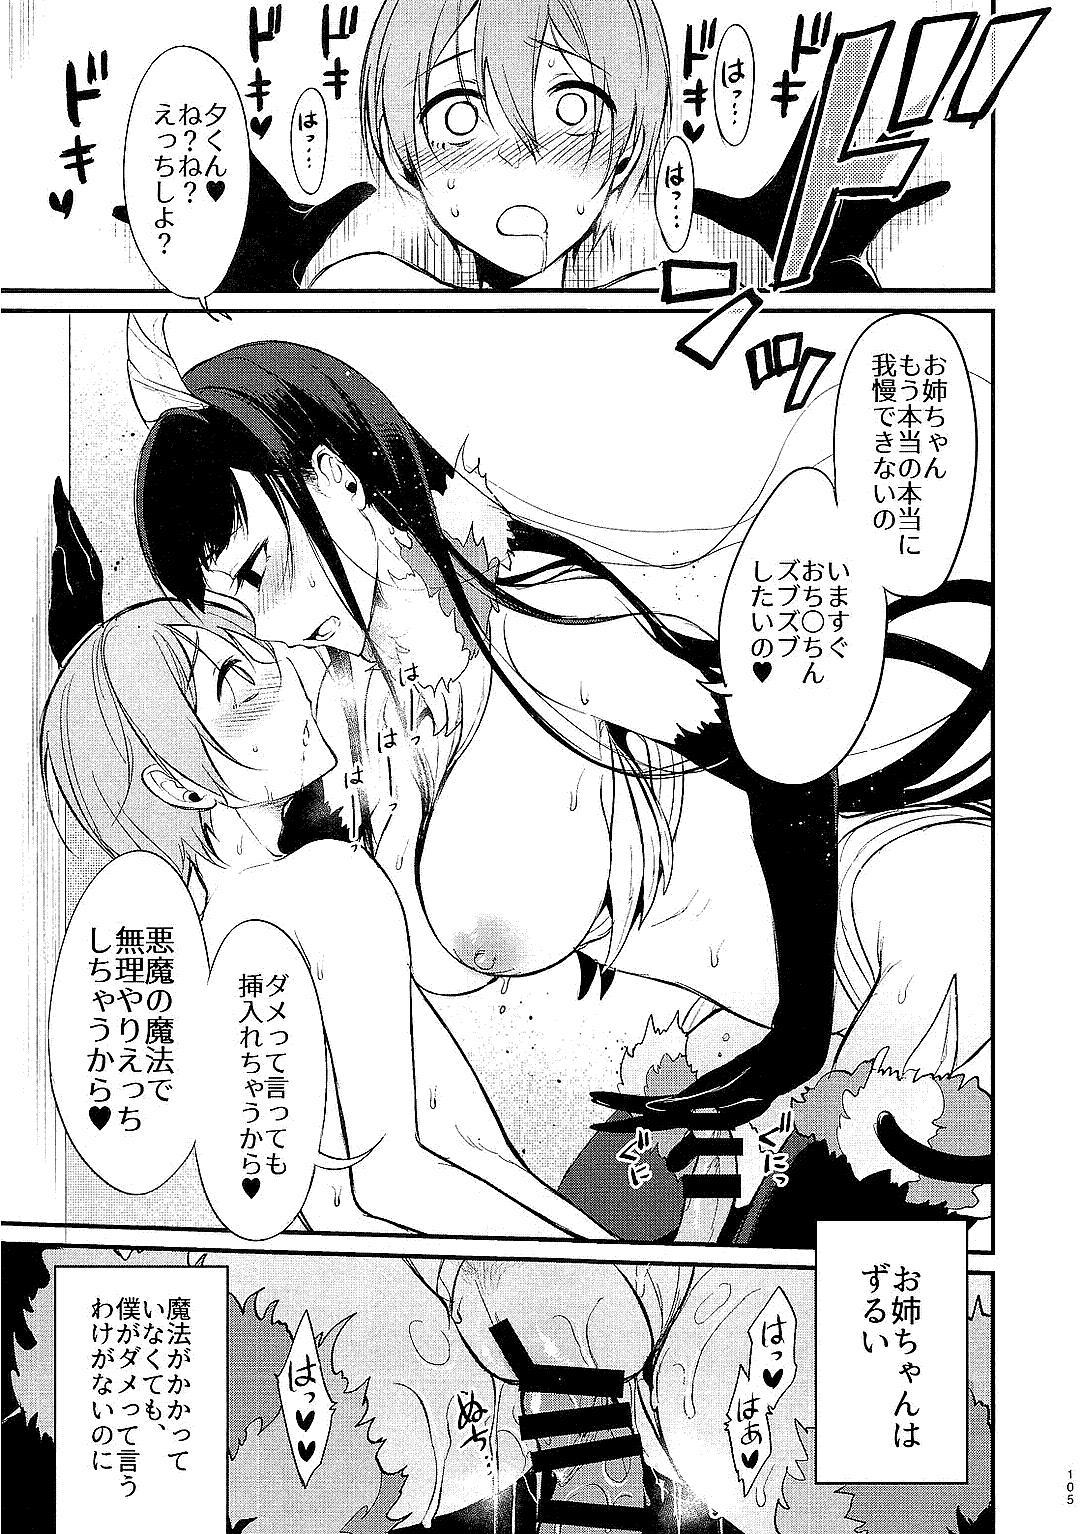 Ane Naru Mono Zenshuu 1 102